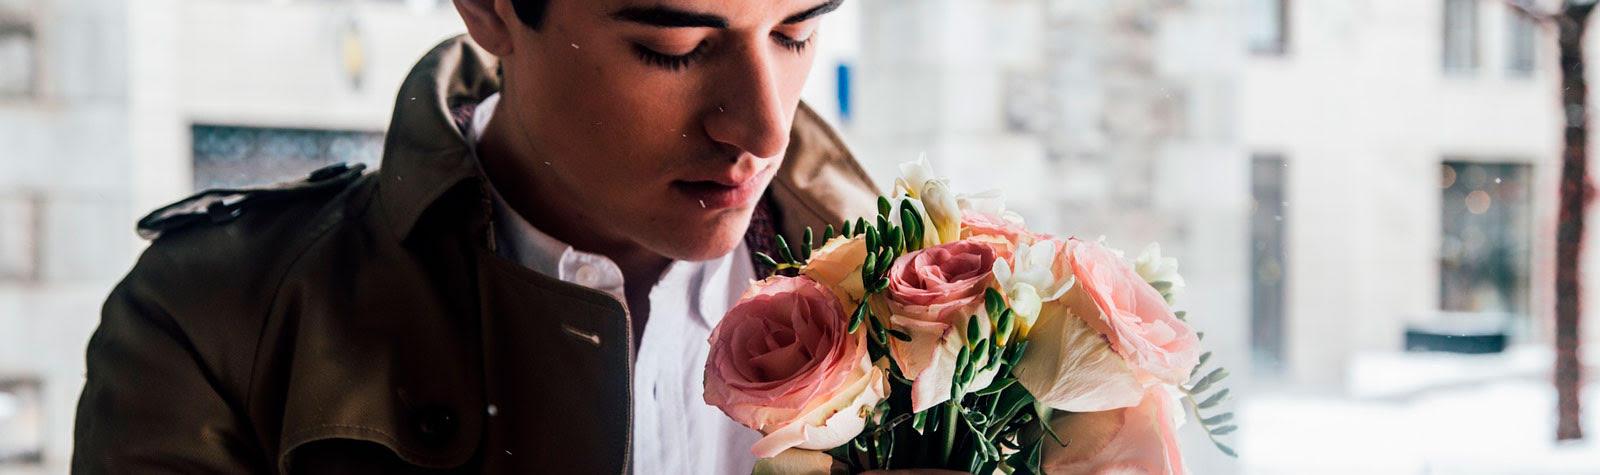 Regras de protocolo – Dar flores de presente